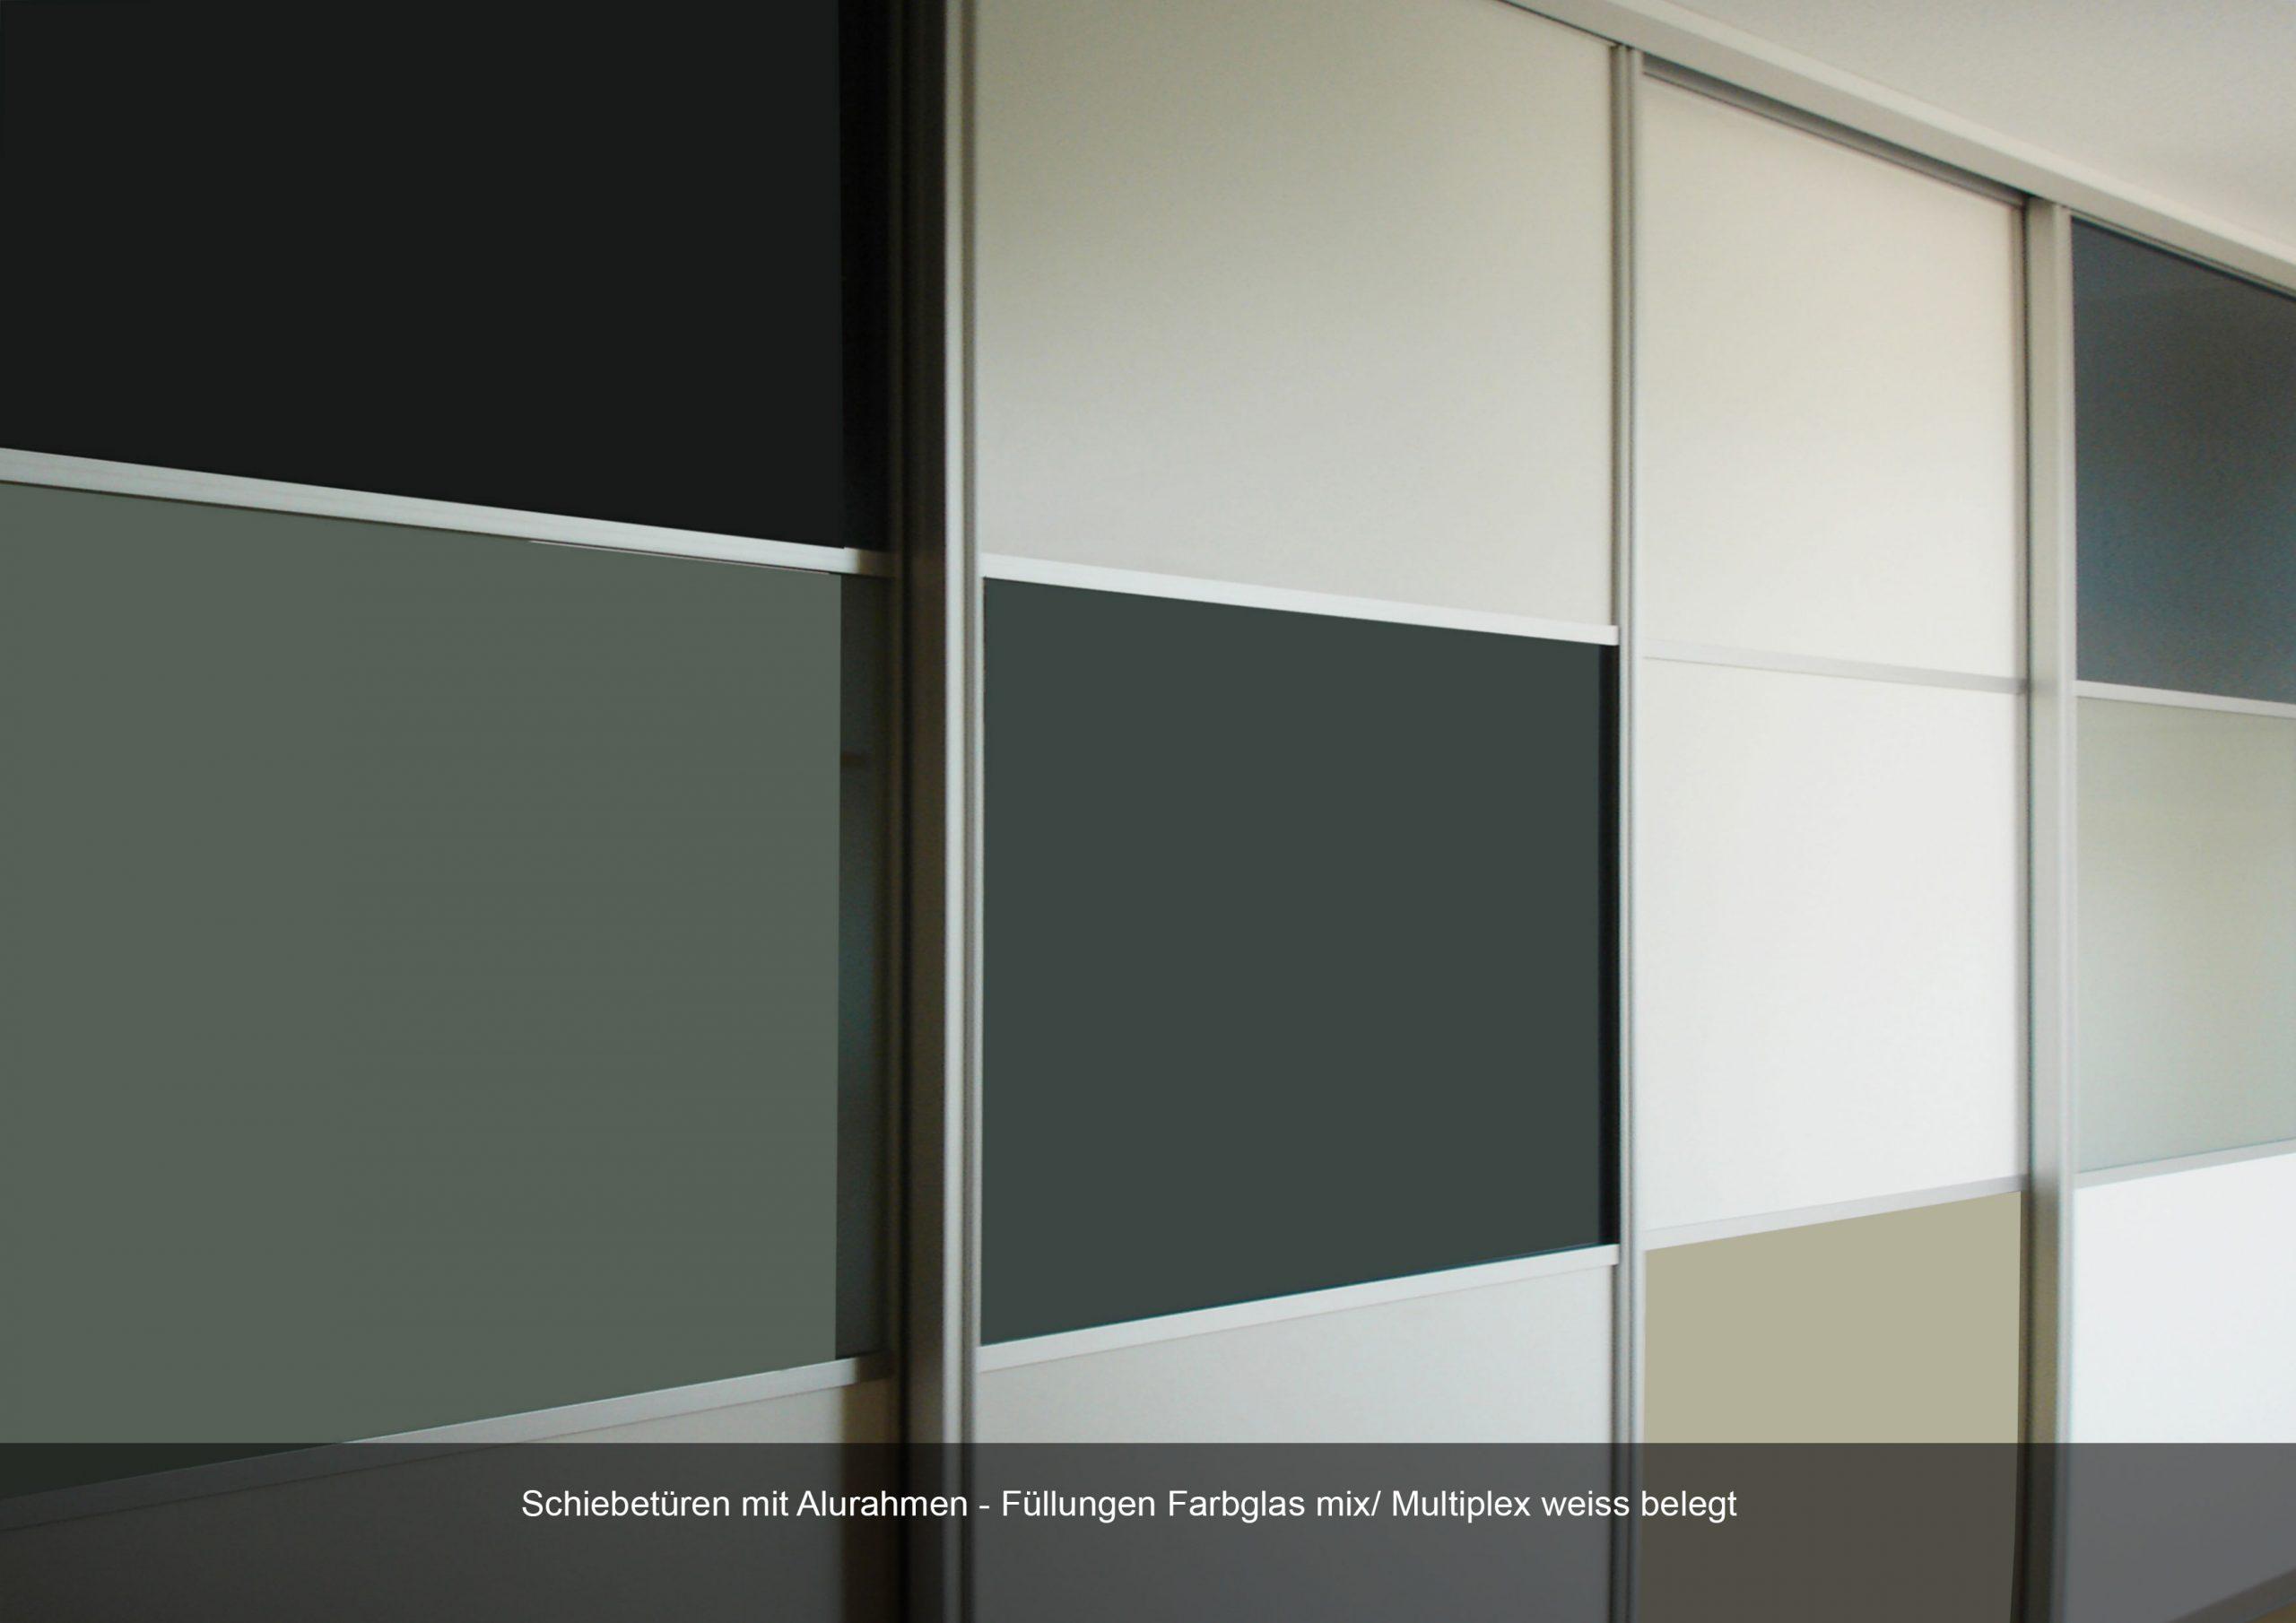 Schiebetür Alurahmen Farbglas mix weiss Multiplex